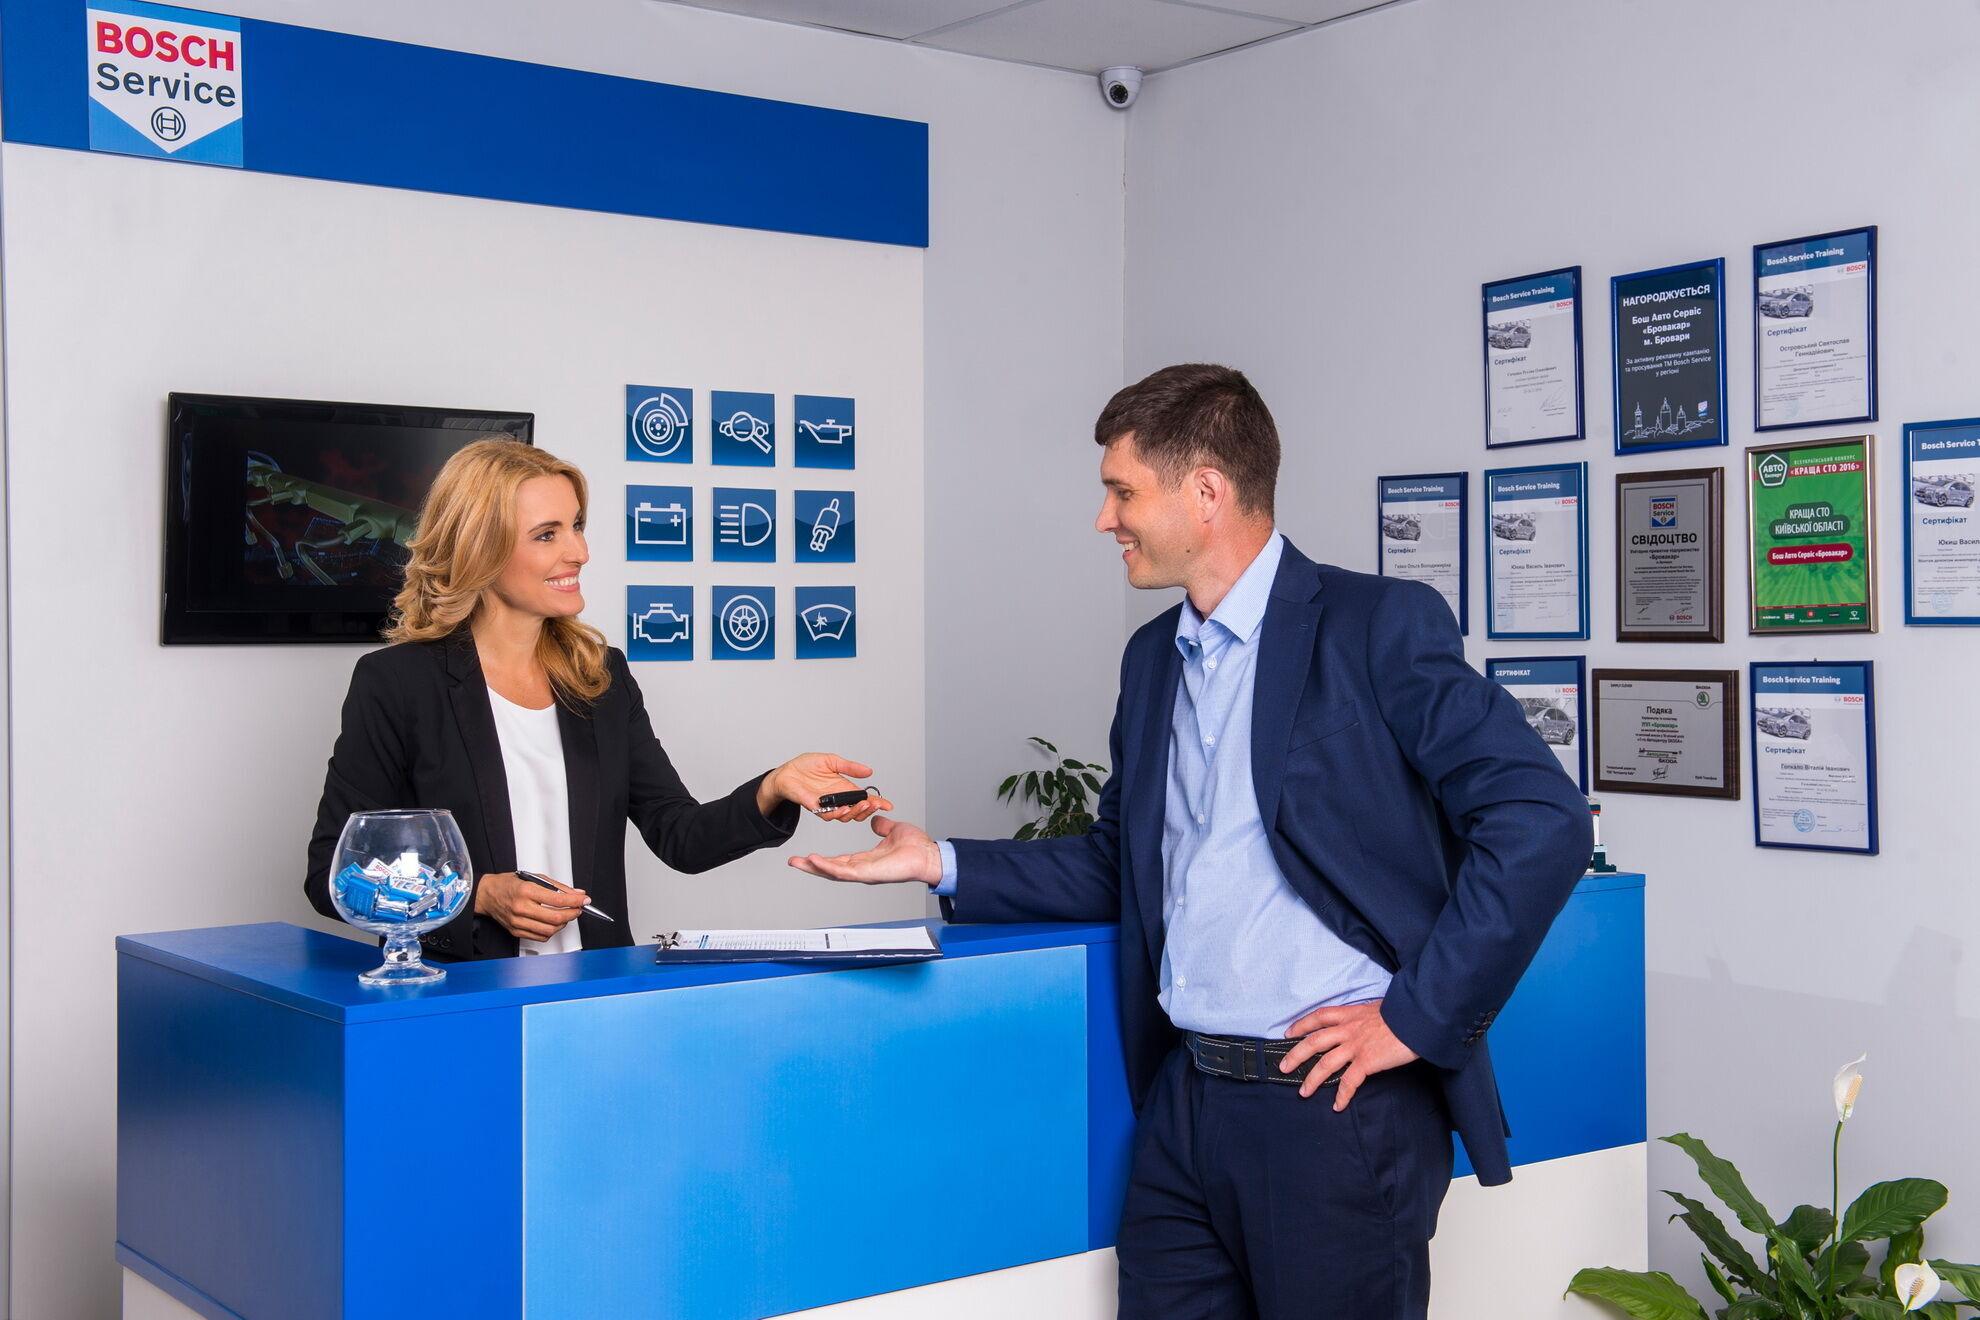 Сеть независимых автосервисов Bosch Service в Украине объединяет 100 СТО